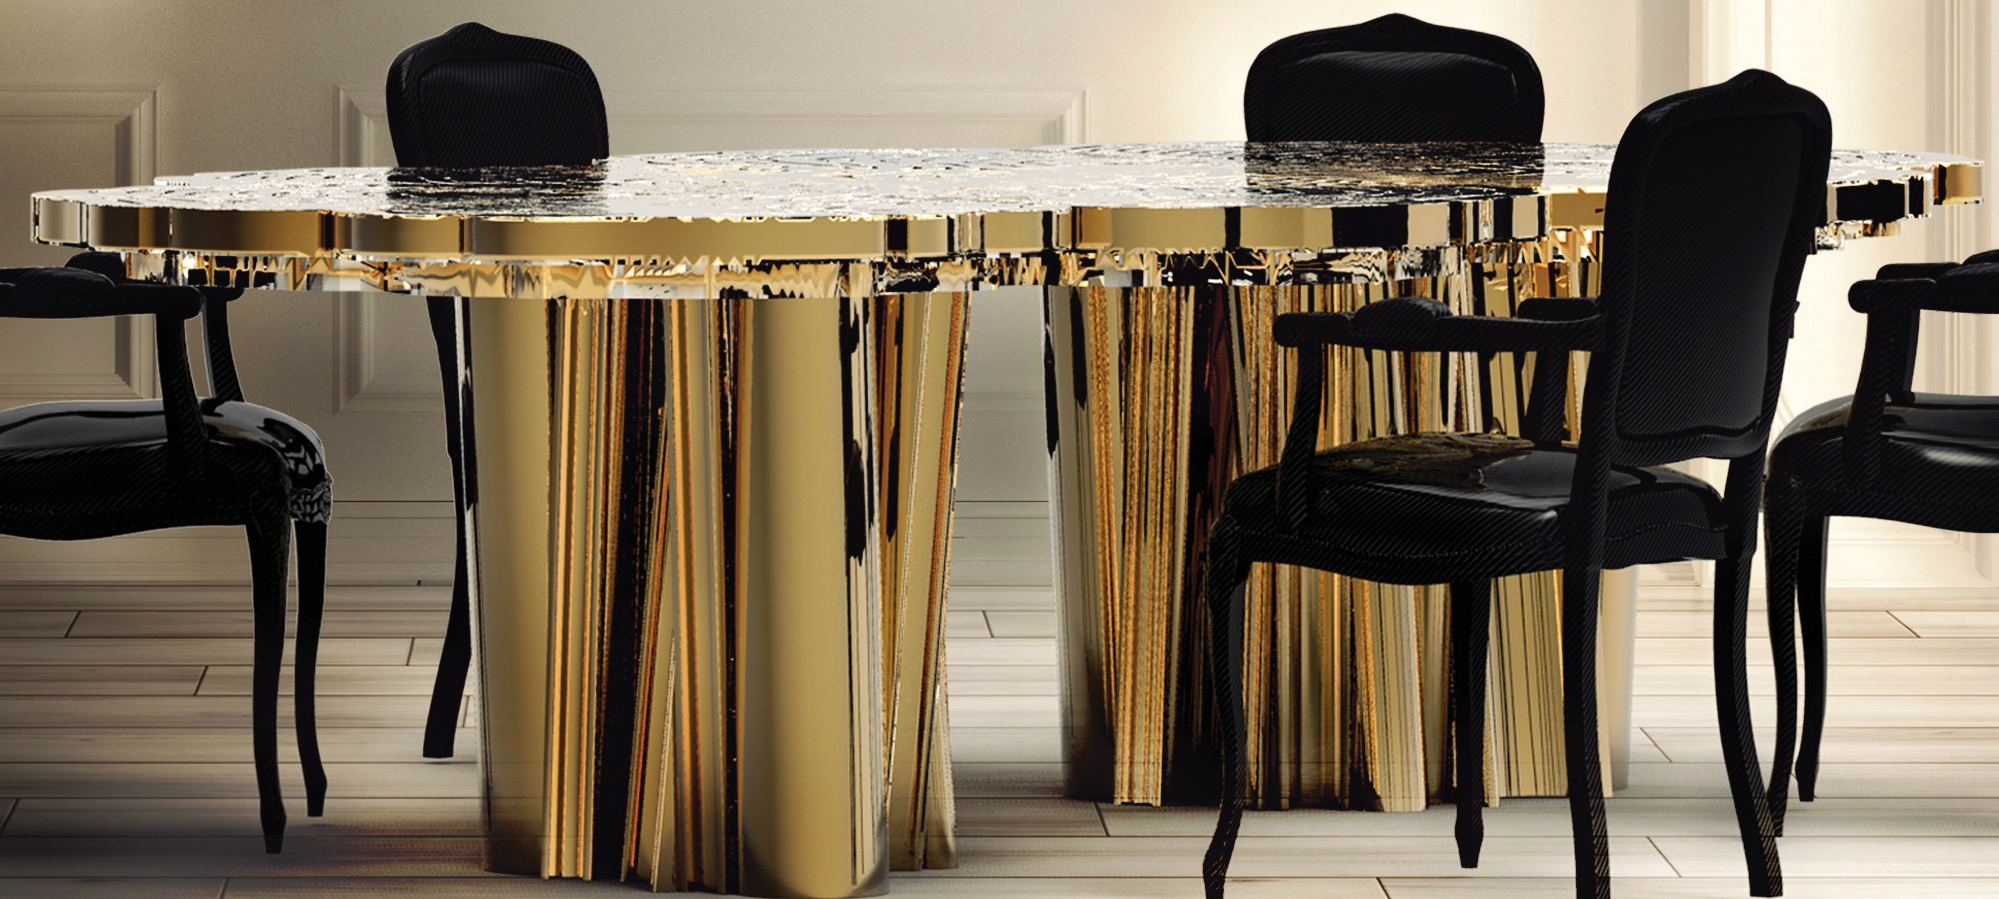 marcas de muebles de lujo Descubra nuestra Selección de las Mejores Marcas de Muebles de Lujo Design News Boca do Lobo at Maison et Objet Paris 3 1